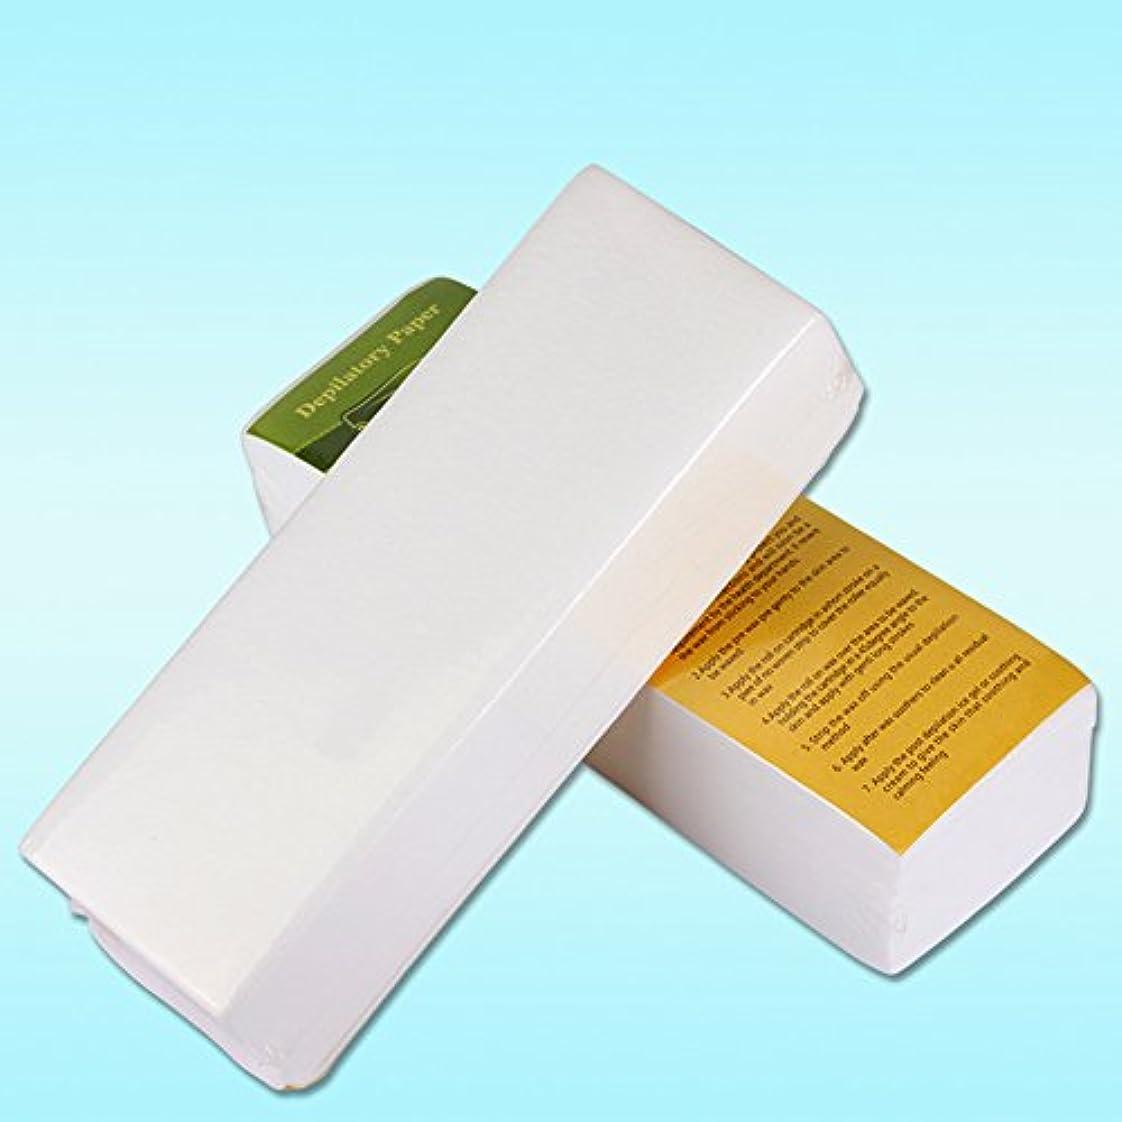 考古学提出するクレタRabugoo 100個/セット使い捨て不織布ティッシュシェービング脱毛蜜蝋脱毛紙